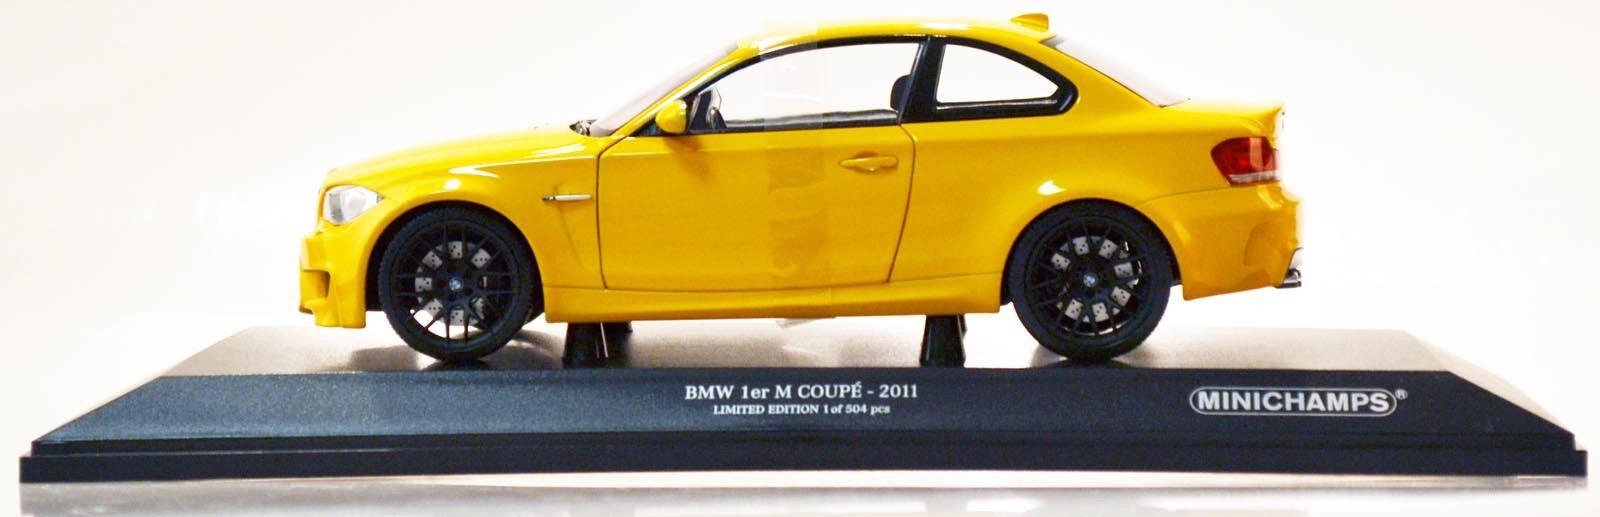 MINICHAMPS 110020026 BMW 1er M Coupé - 2011 jaune 1 18 Nouveau Neuf dans sa boîte